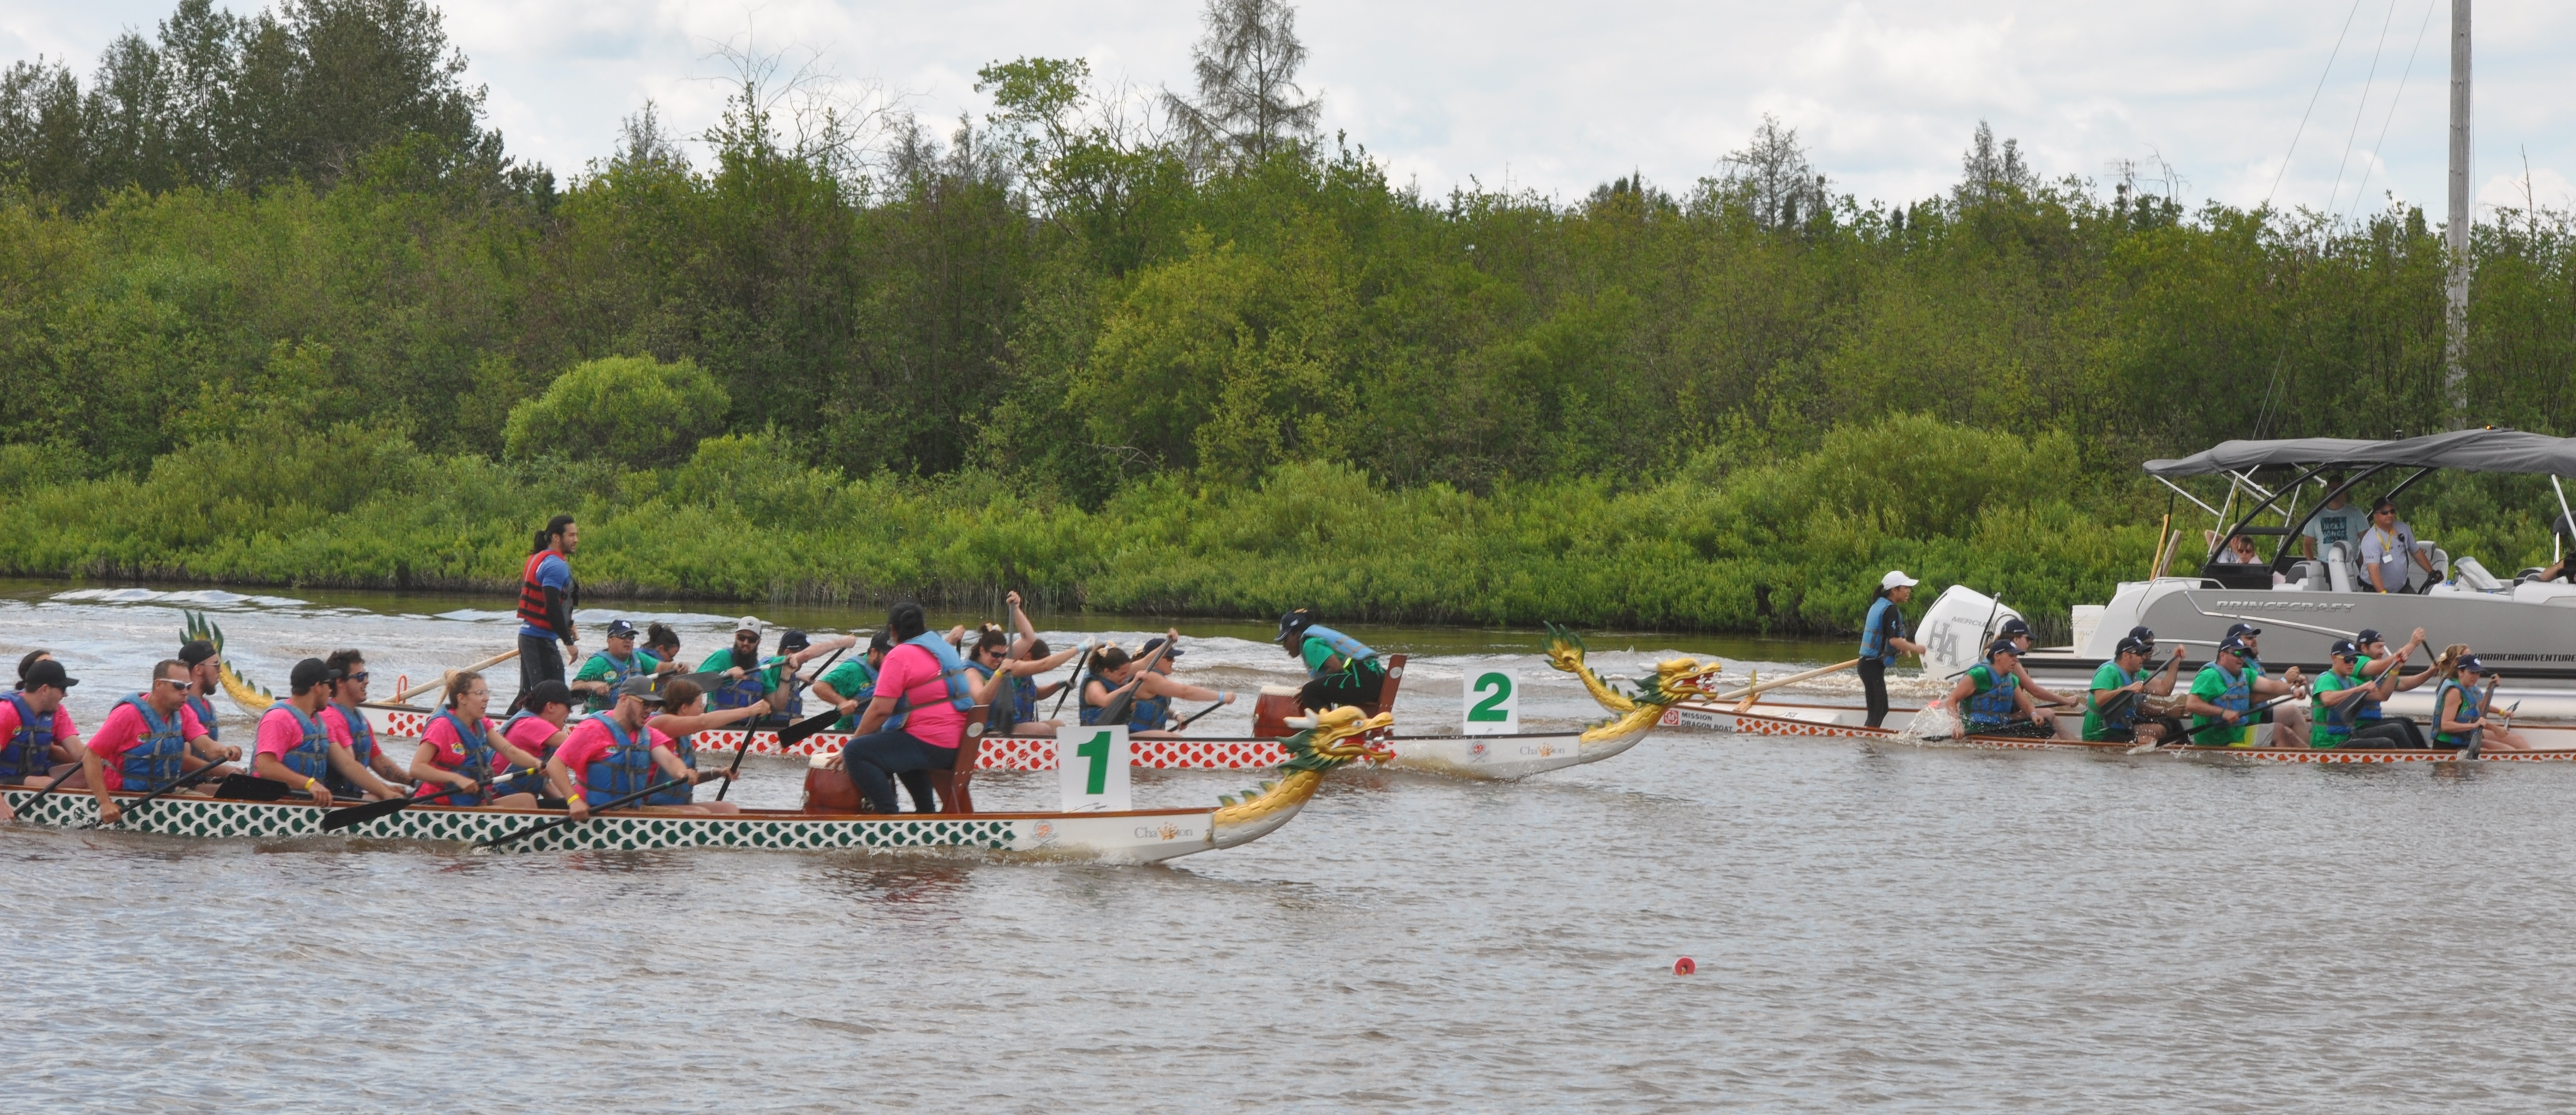 Course bateaux-dragons - H20